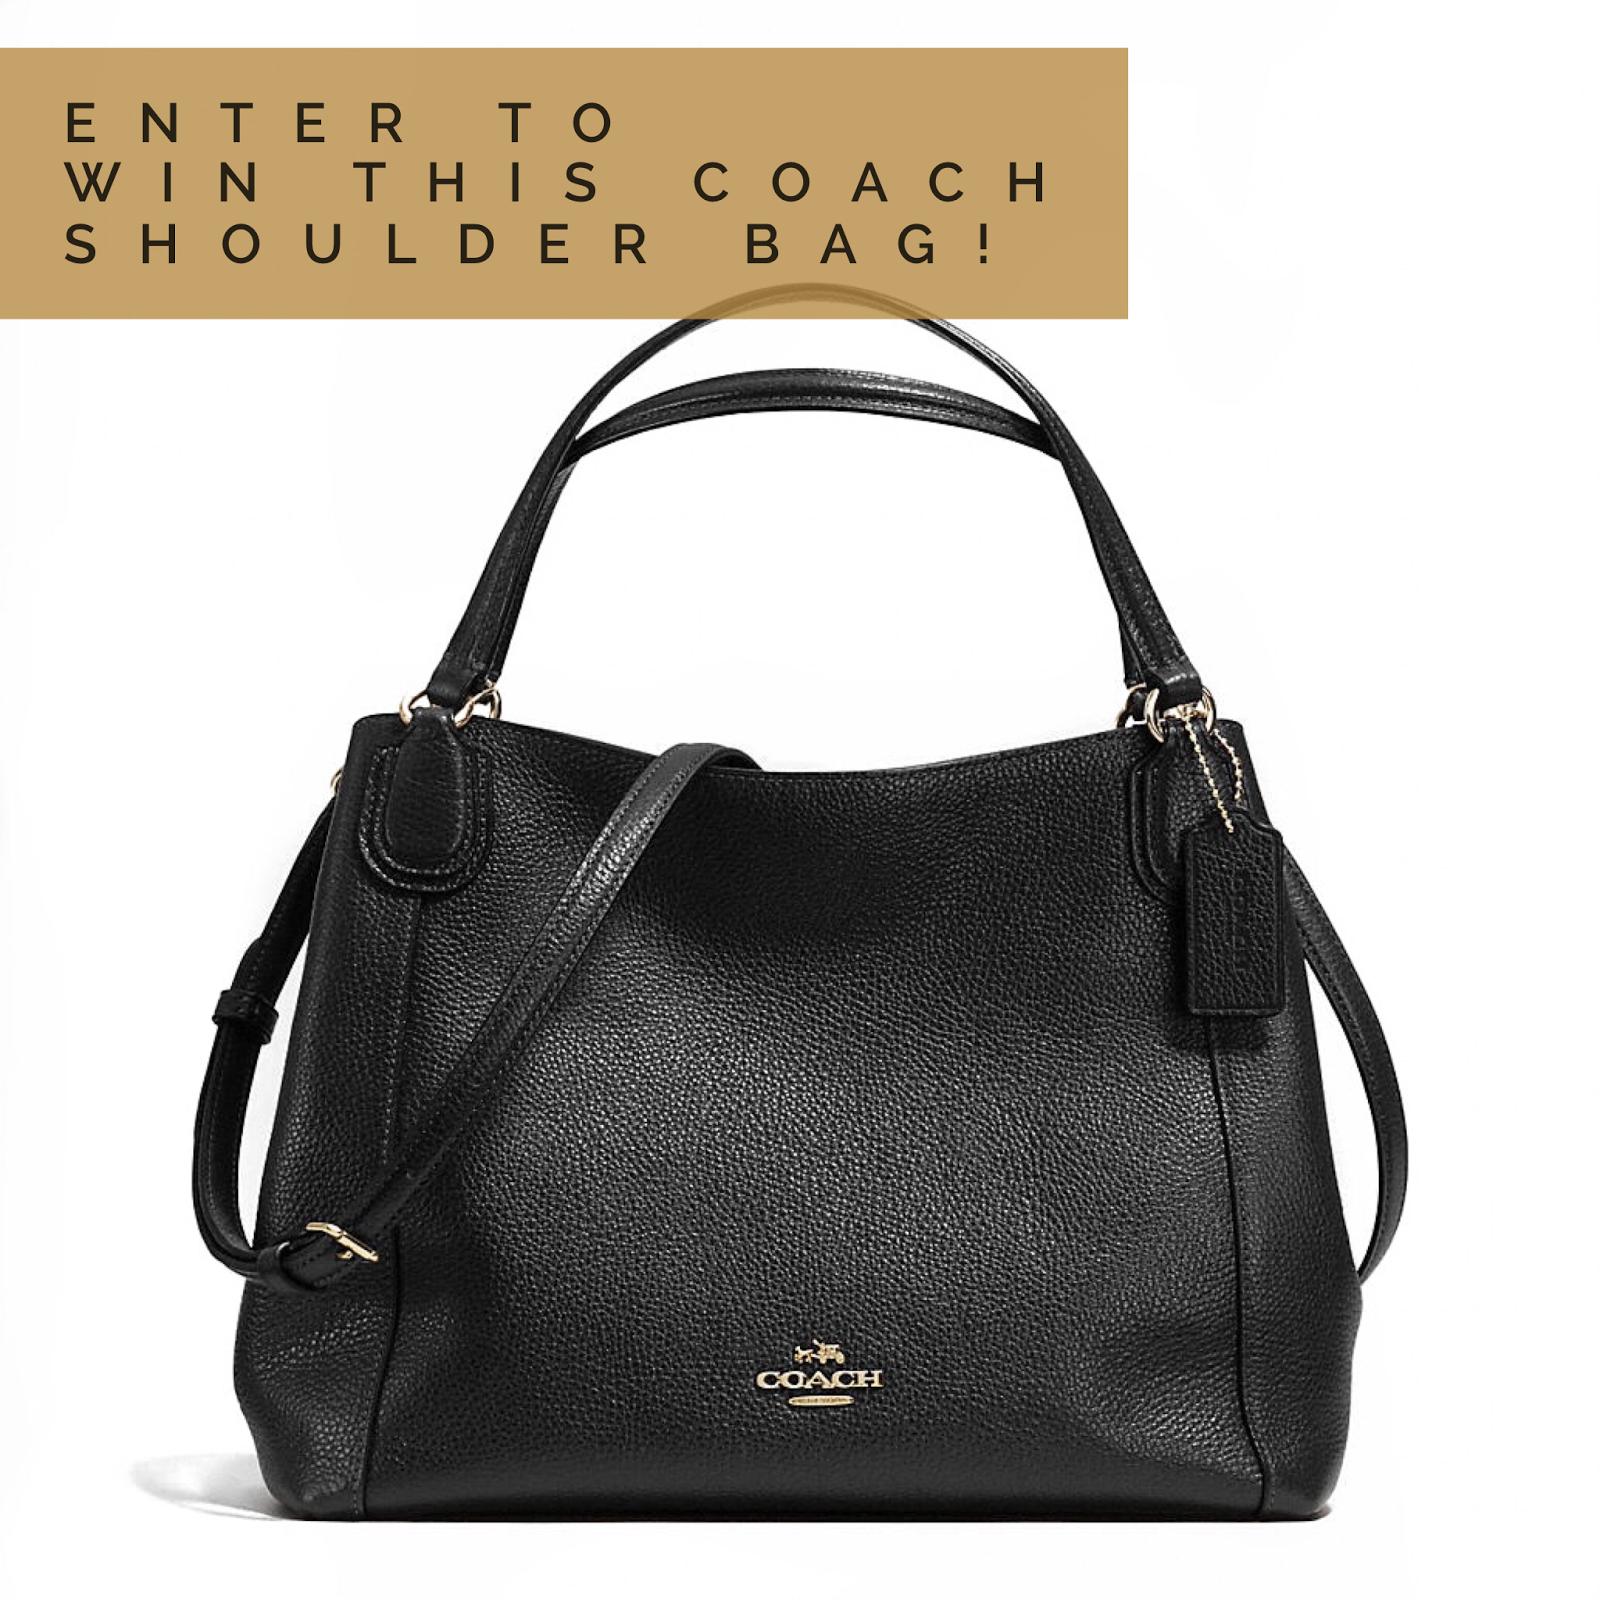 Coach Shoulder Bag GIVEAWAY!